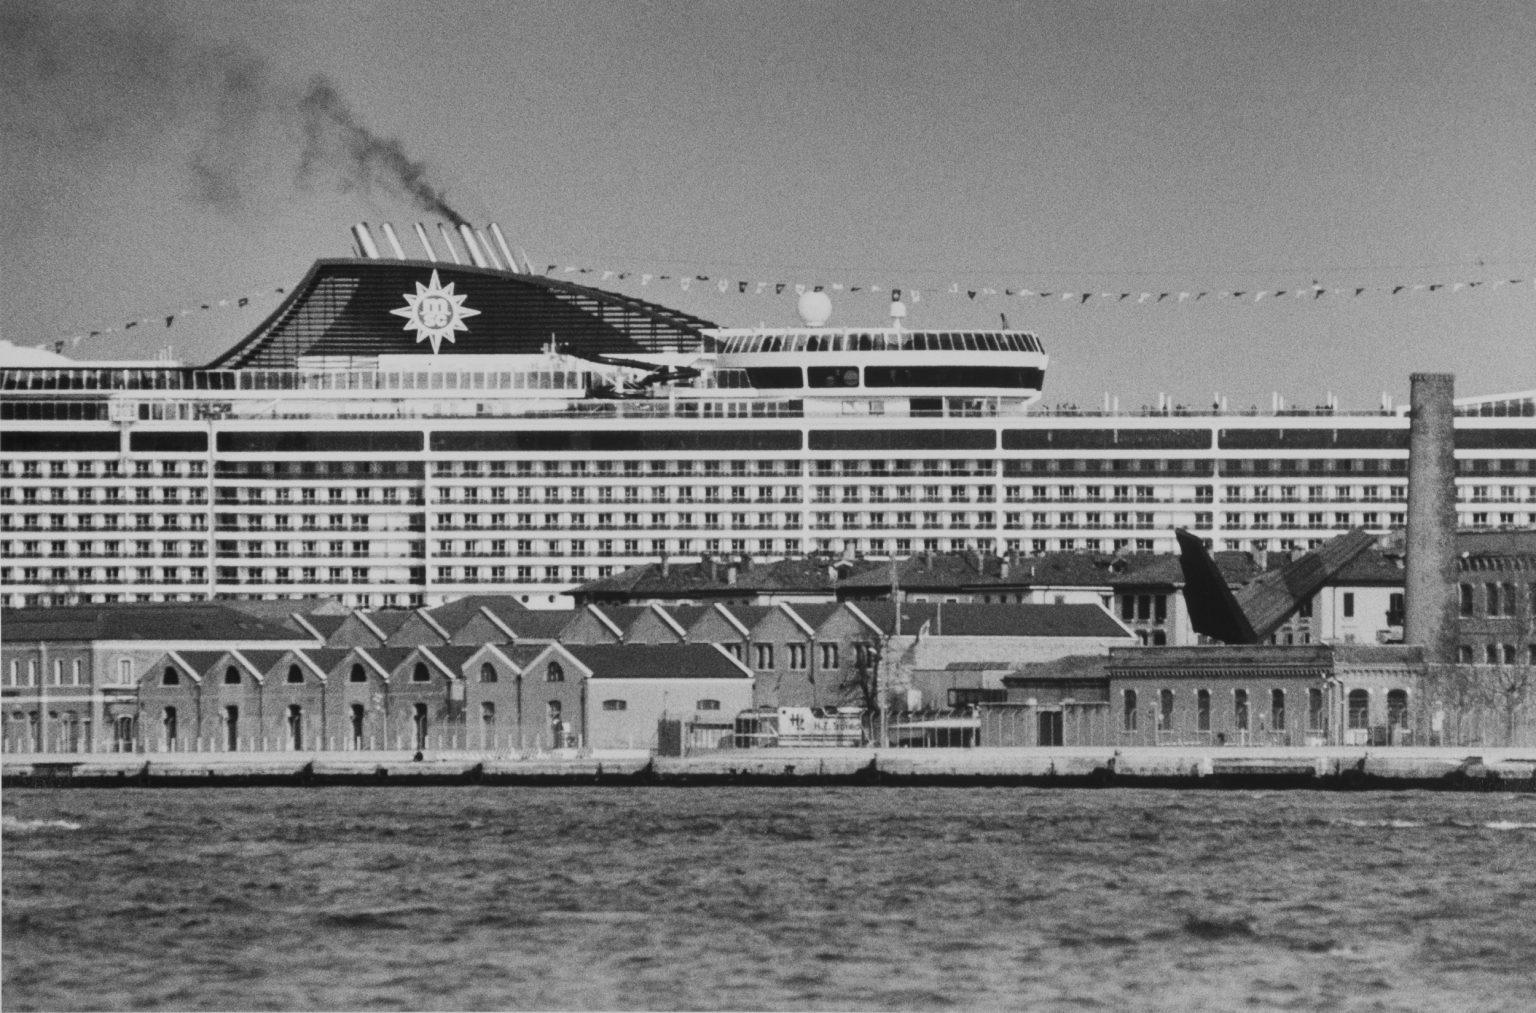 """Venice, August 2013 - Big cruise liners invade the city - Cruise ships passing by the old town ><  Venezia, agosto 2013 - Le grandi navi da crociera invadono la città - Transatlantici passano davanti al centro storico<p><span style=""""color: #ff0000""""><strong>*** SPECIAL   FEE   APPLIES ***</strong></span></p>*** SPECIAL   FEE   APPLIES *** *** Local Caption *** 00551375"""